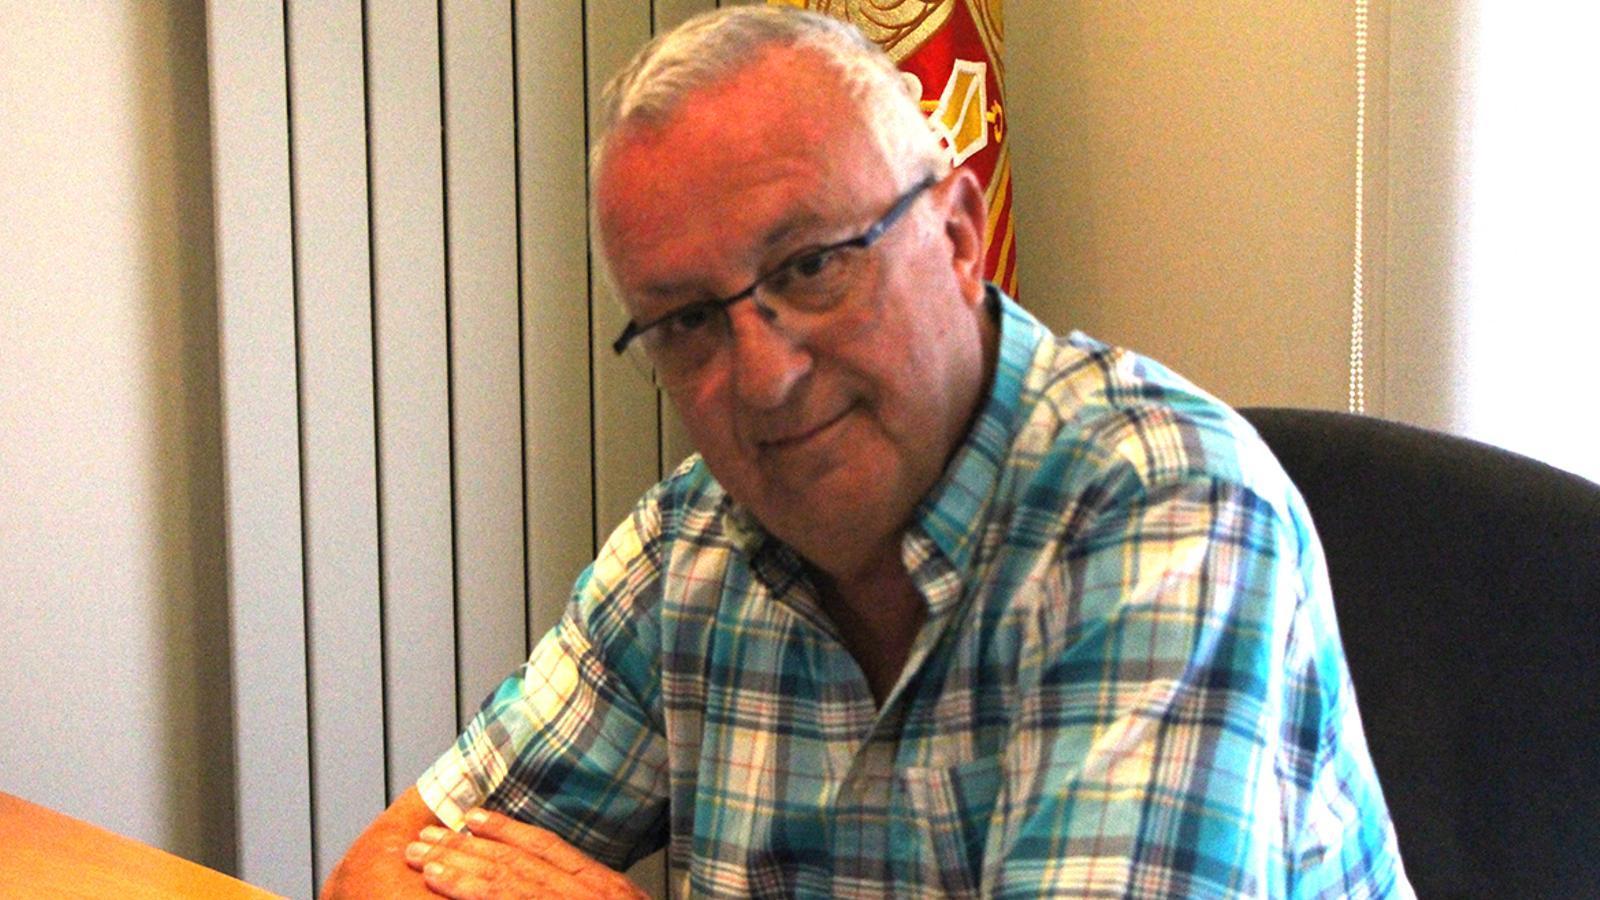 El president de la Cambra de Comerç, Indústria i Serveis, Miquel Armengol. / B. N.